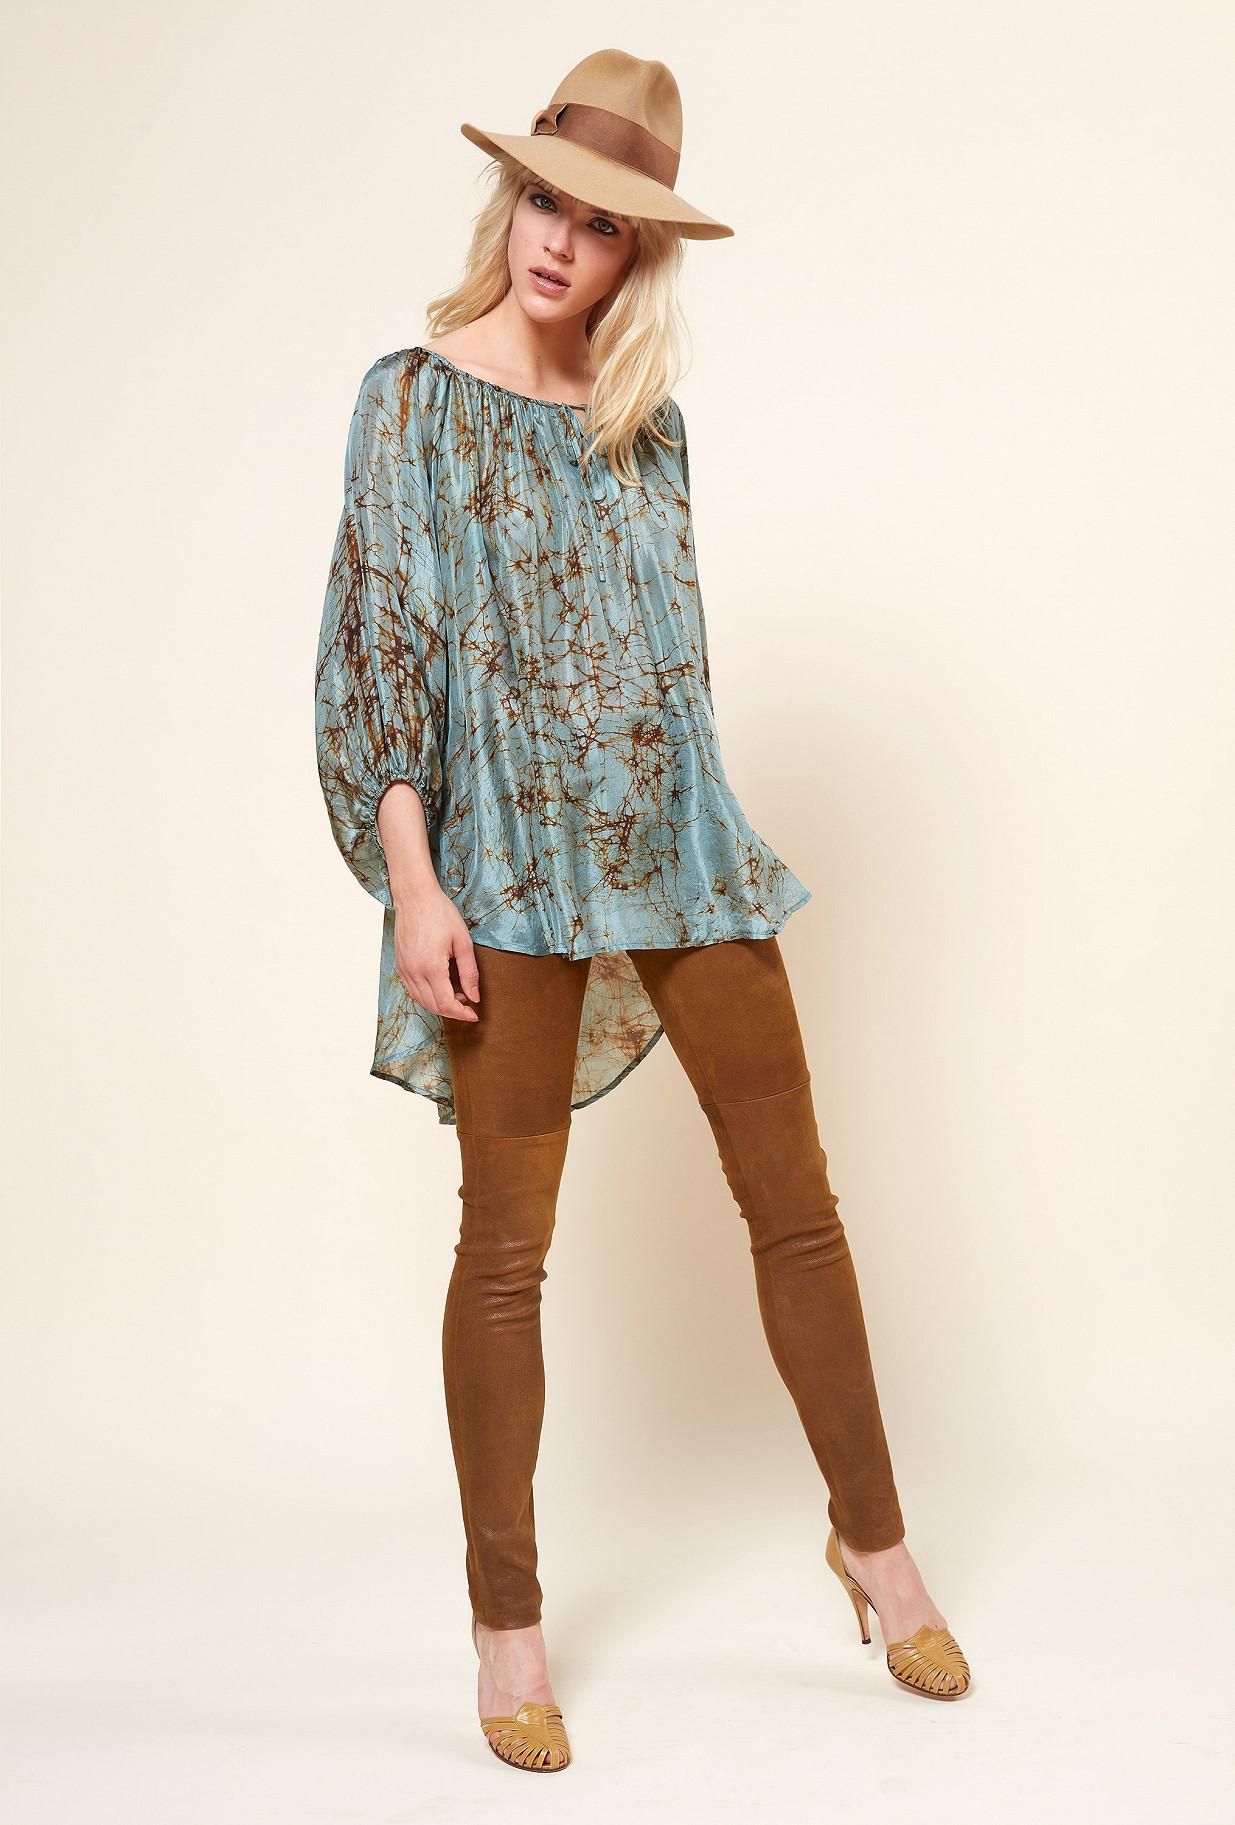 Paris boutique de mode vêtement Blouse créateur bohème  Mallaury